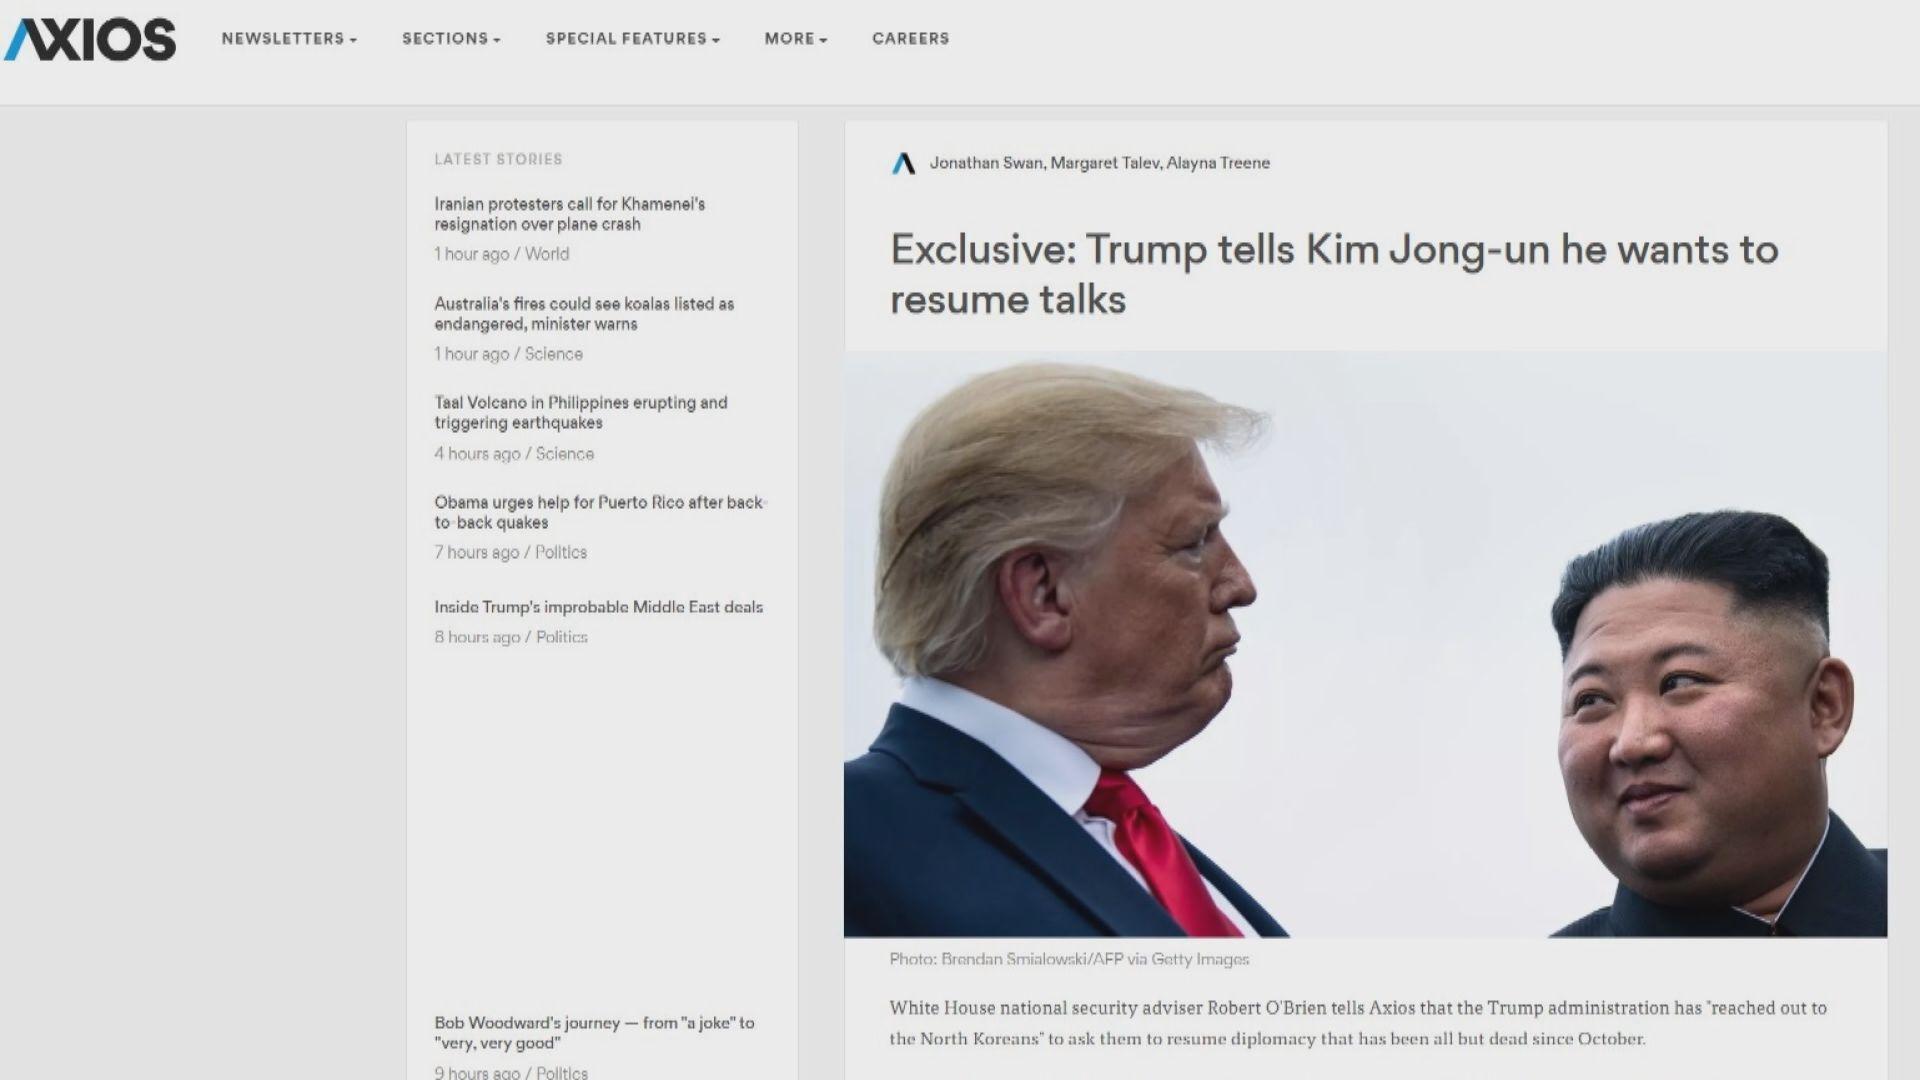 美國向北韓提議重啟無核化談判